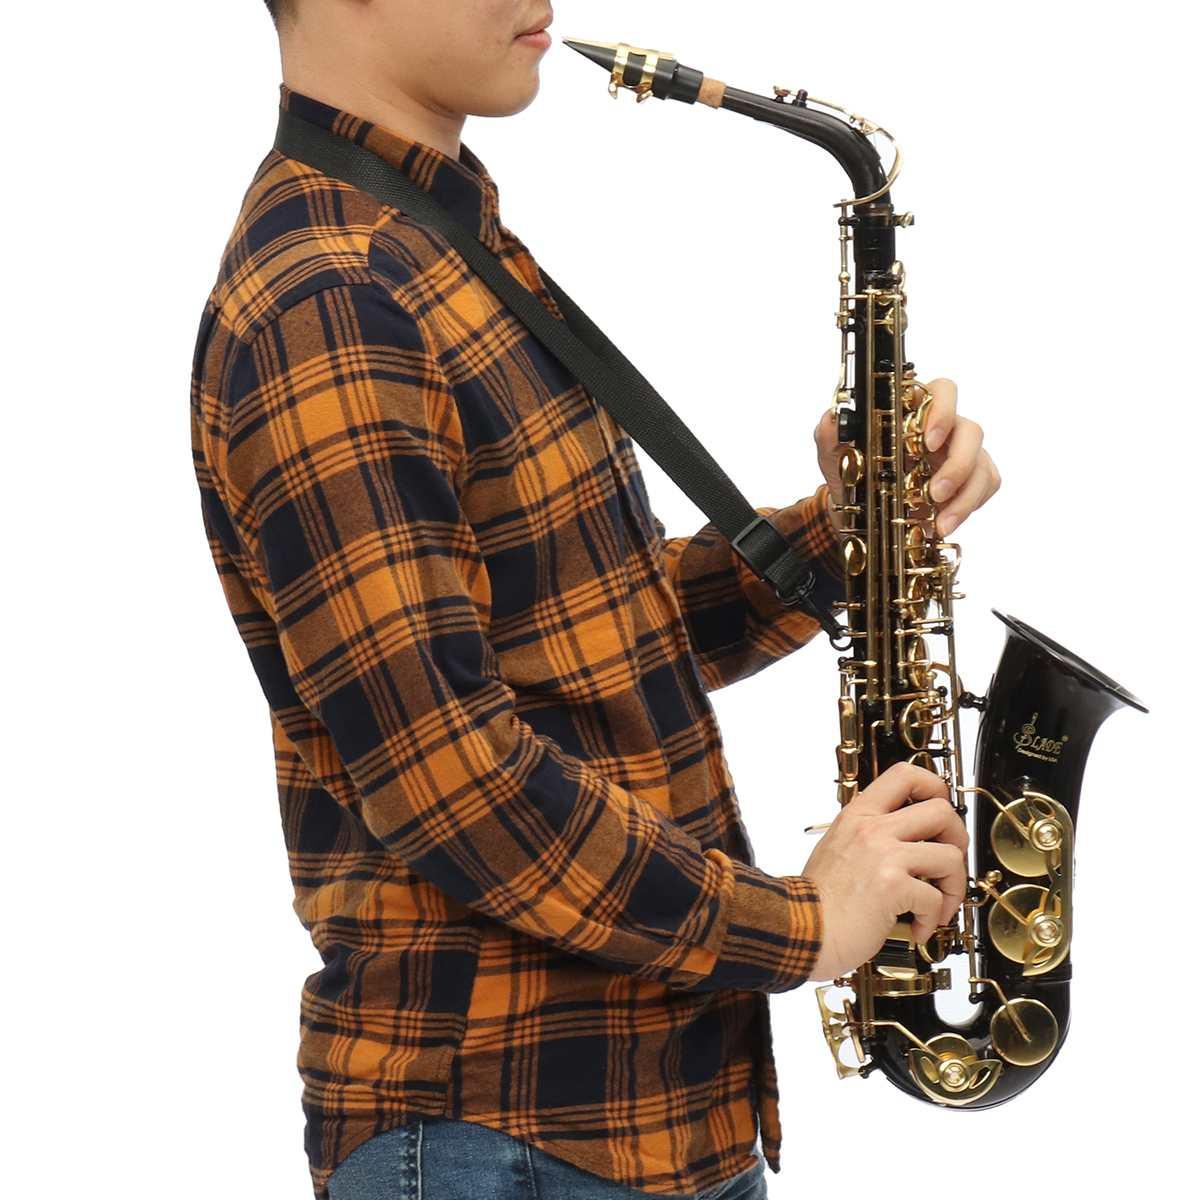 Corpo do tubo de bronze Laca Sax ouro Mi Bemol Saxofone Alto Eb tone Abalone shell botão Profissional puro Para O Dia Dos Namorados jogar